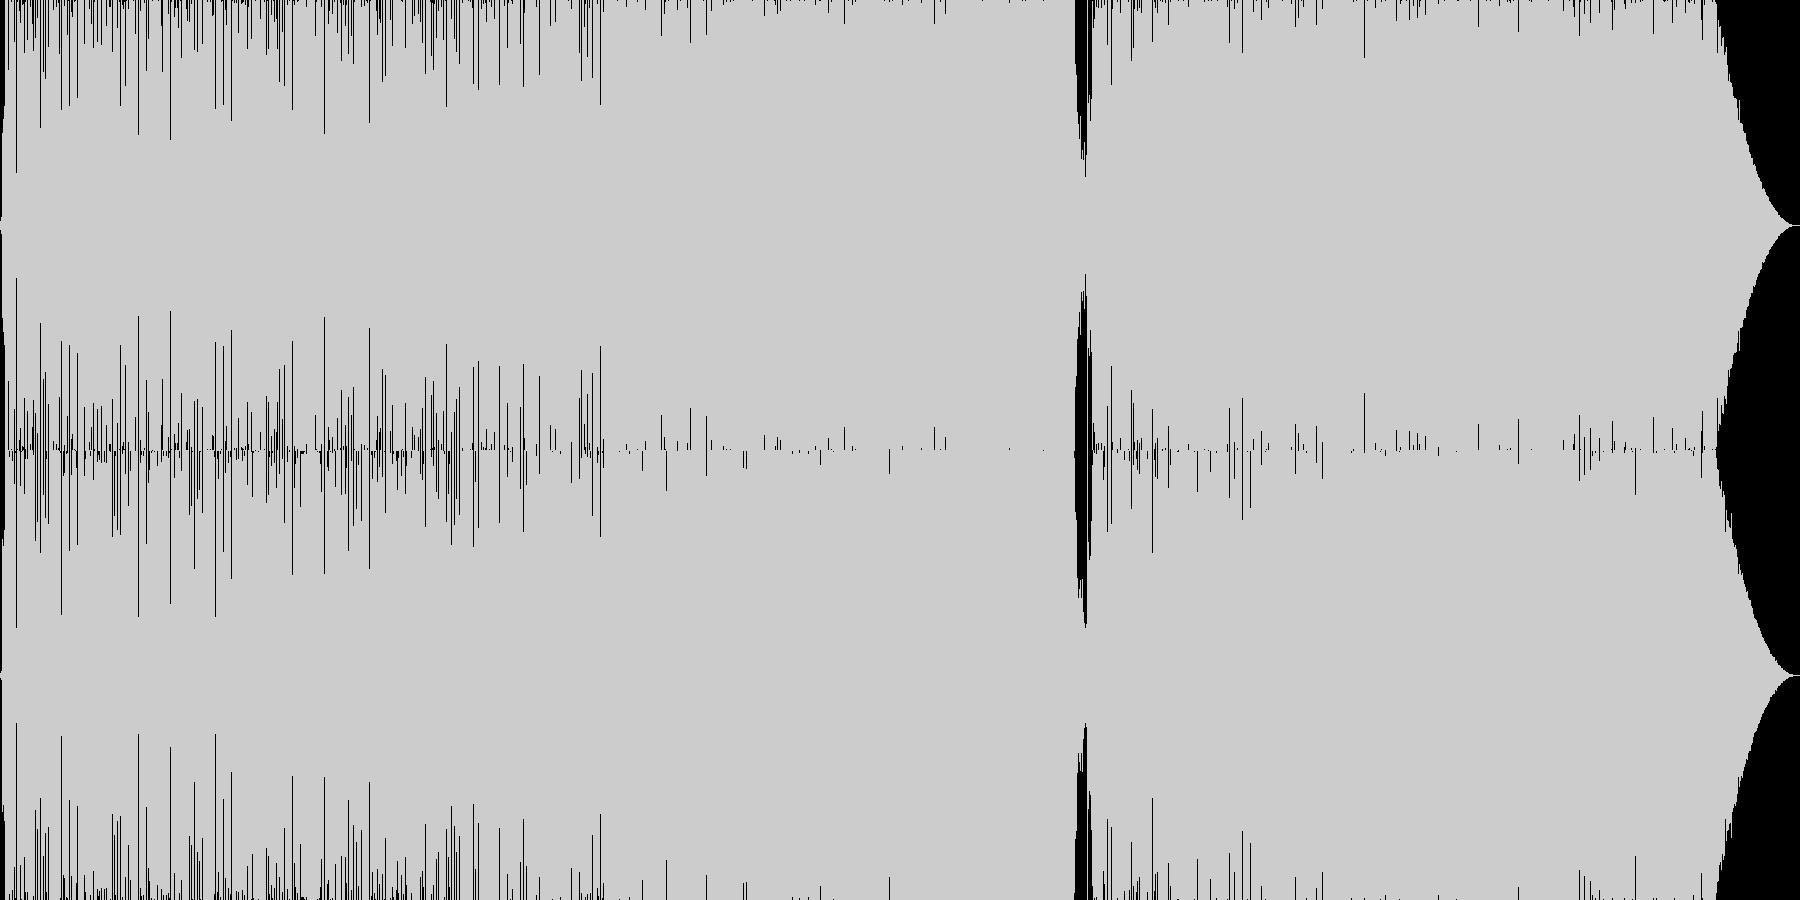 マイケルジャクソン風のR&B風トラックの未再生の波形